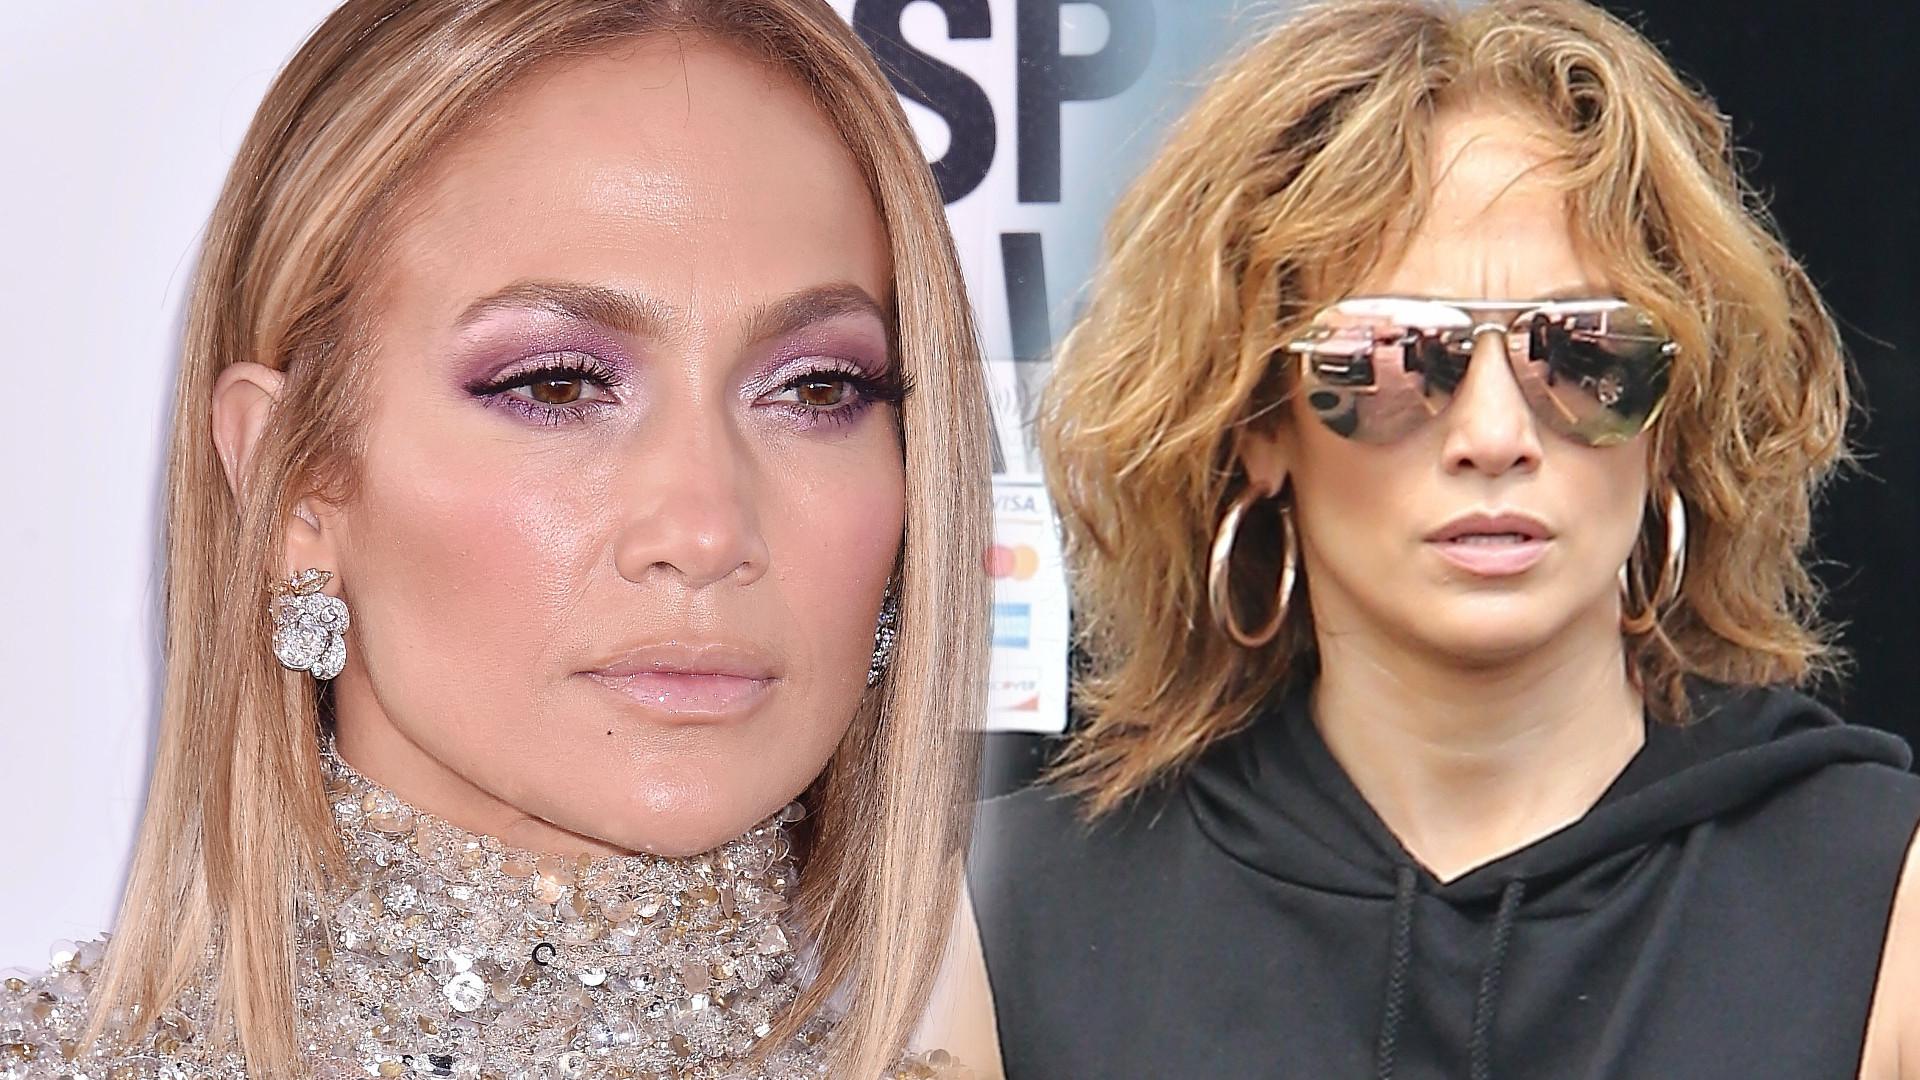 Ale JAK TO? Jennifer Lopez zapewniła, że nie stosuje BOTOKSU. Czemu zawdzięcza taką skórę?